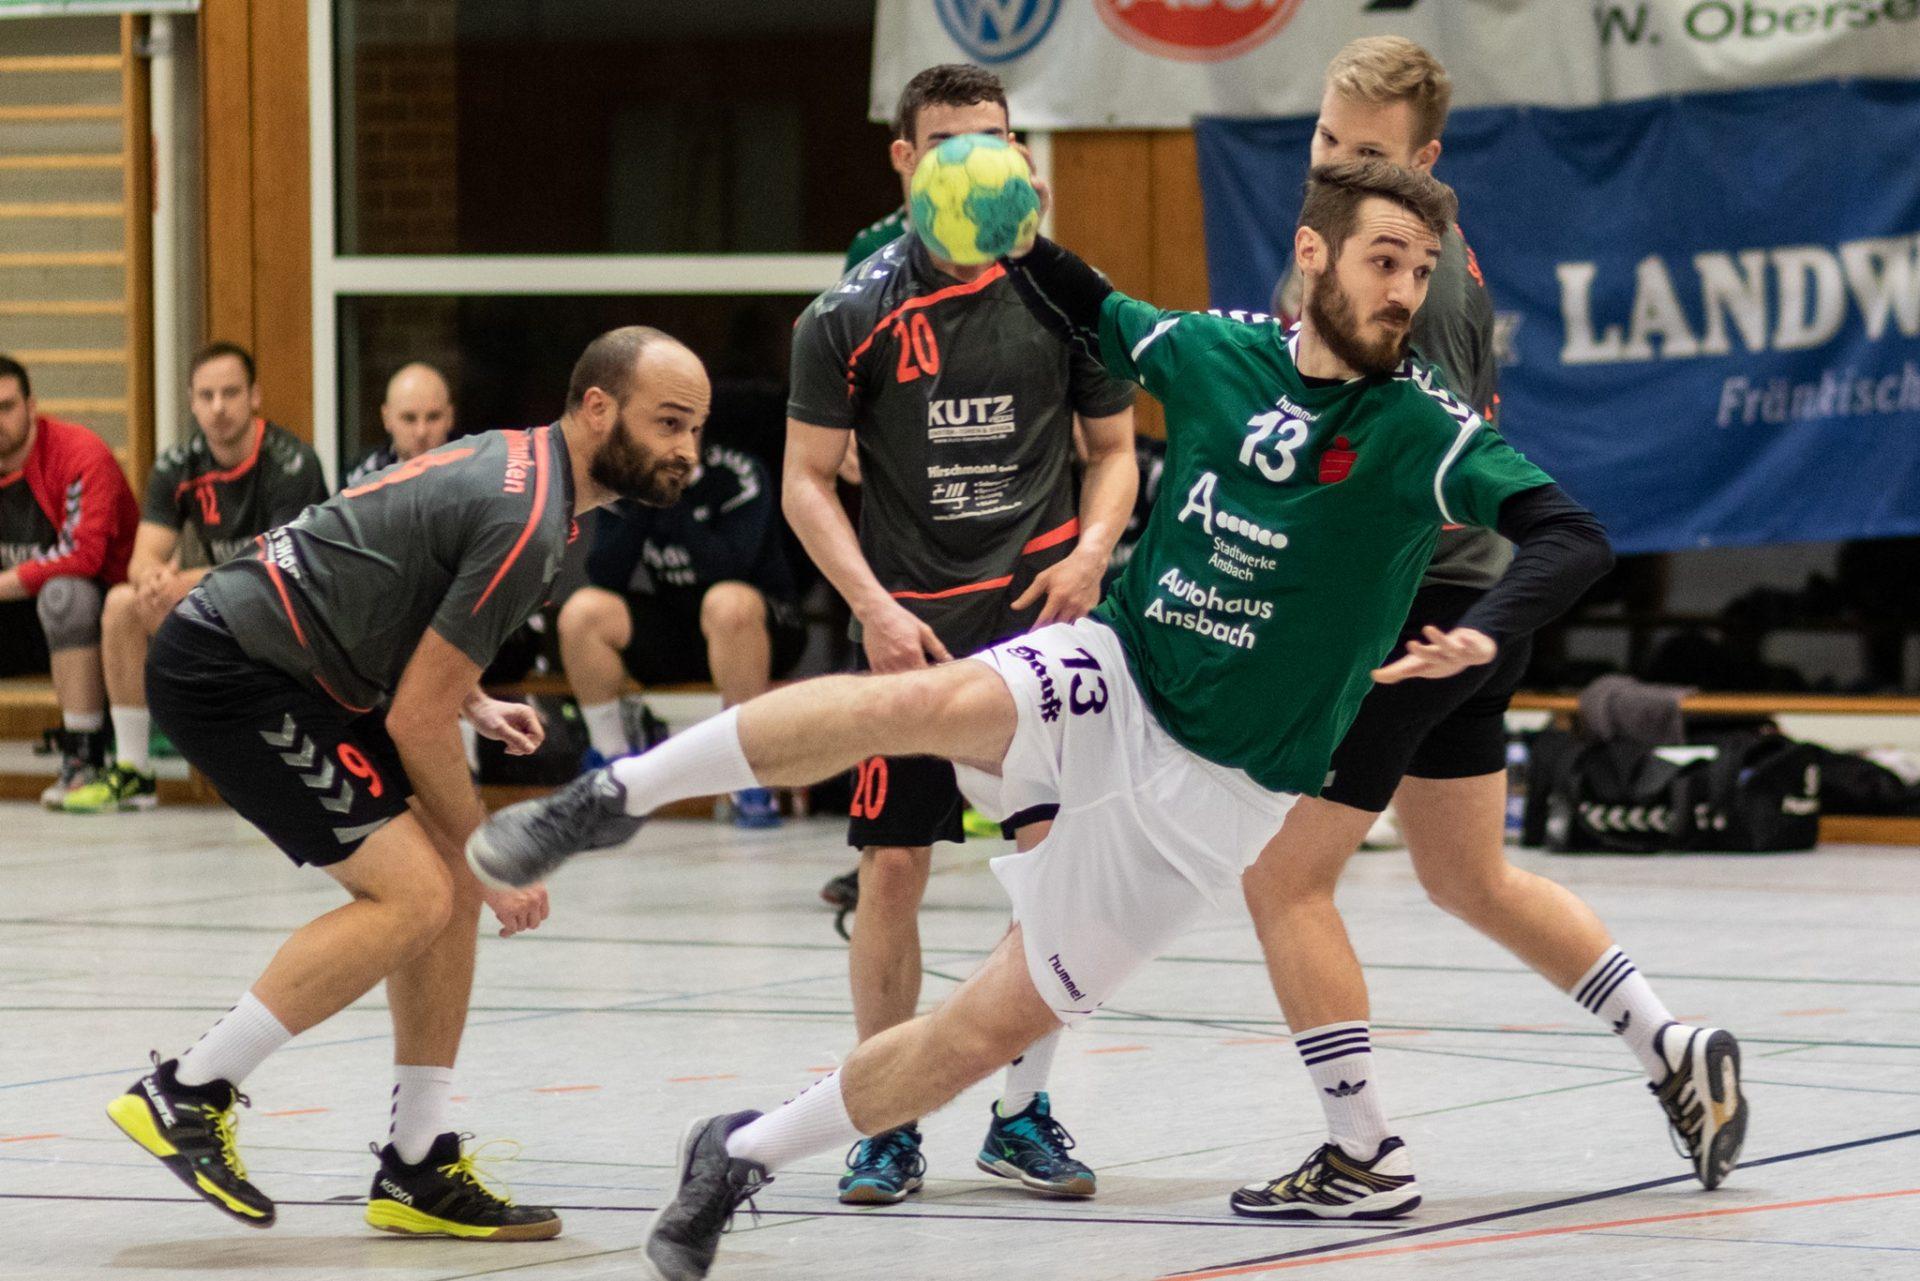 Sportfotografie - Handball